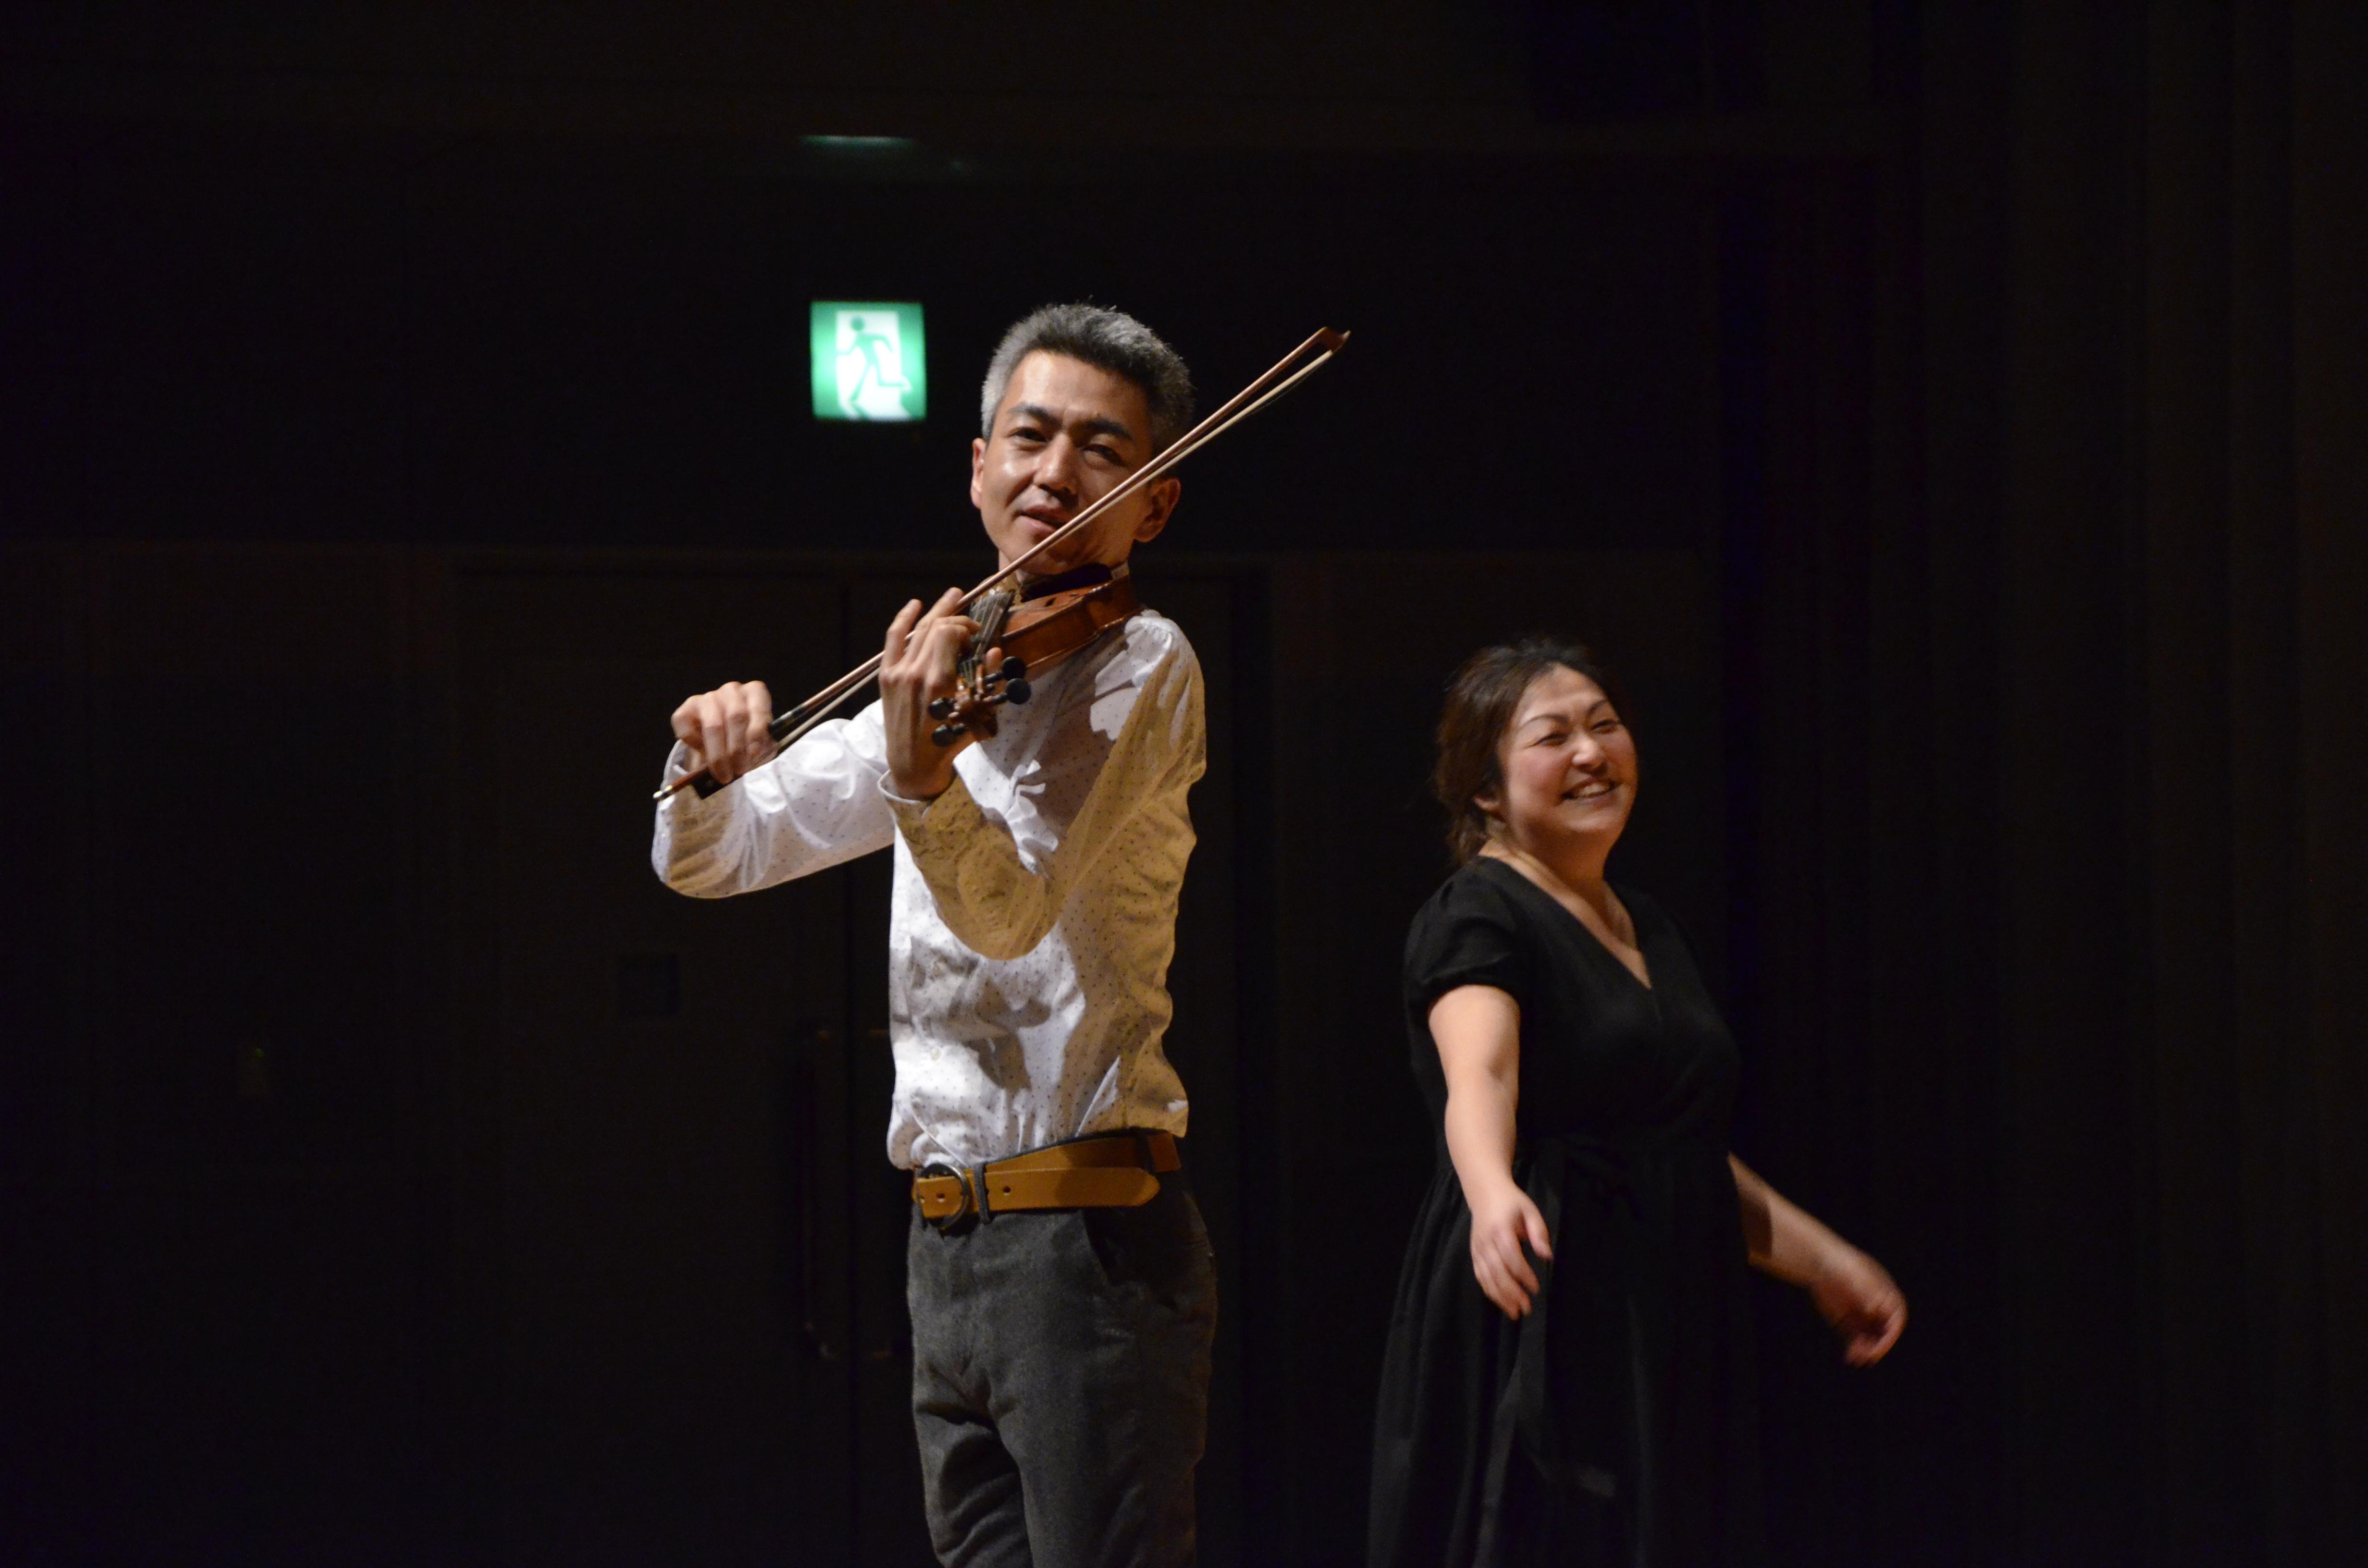 喜多直毅のヴァイオリン